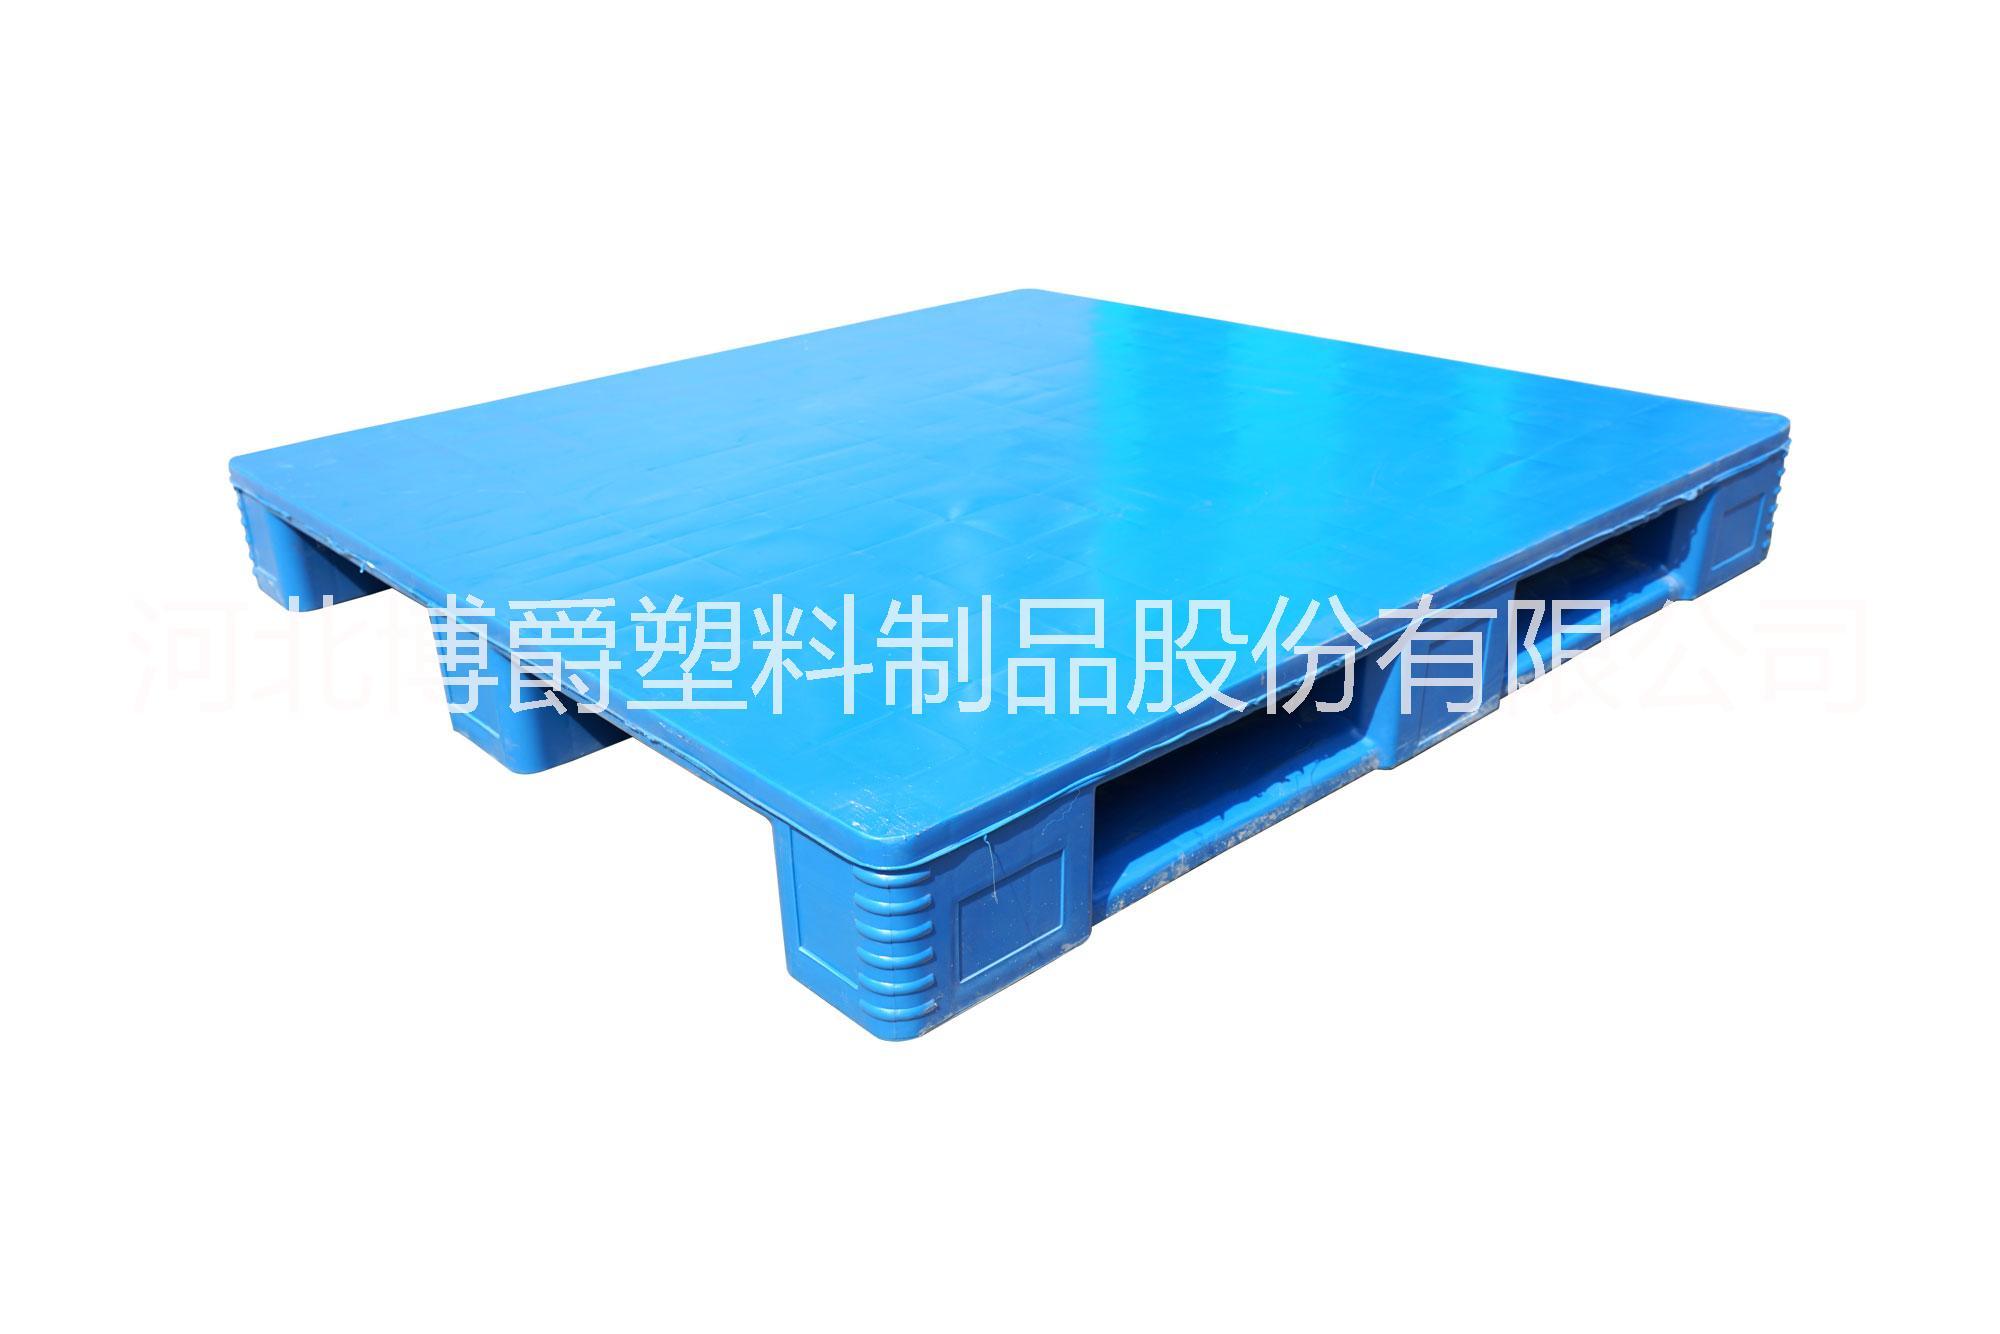 焊接川字平板塑料托盘,甘肃焊接川字平板塑料托盘